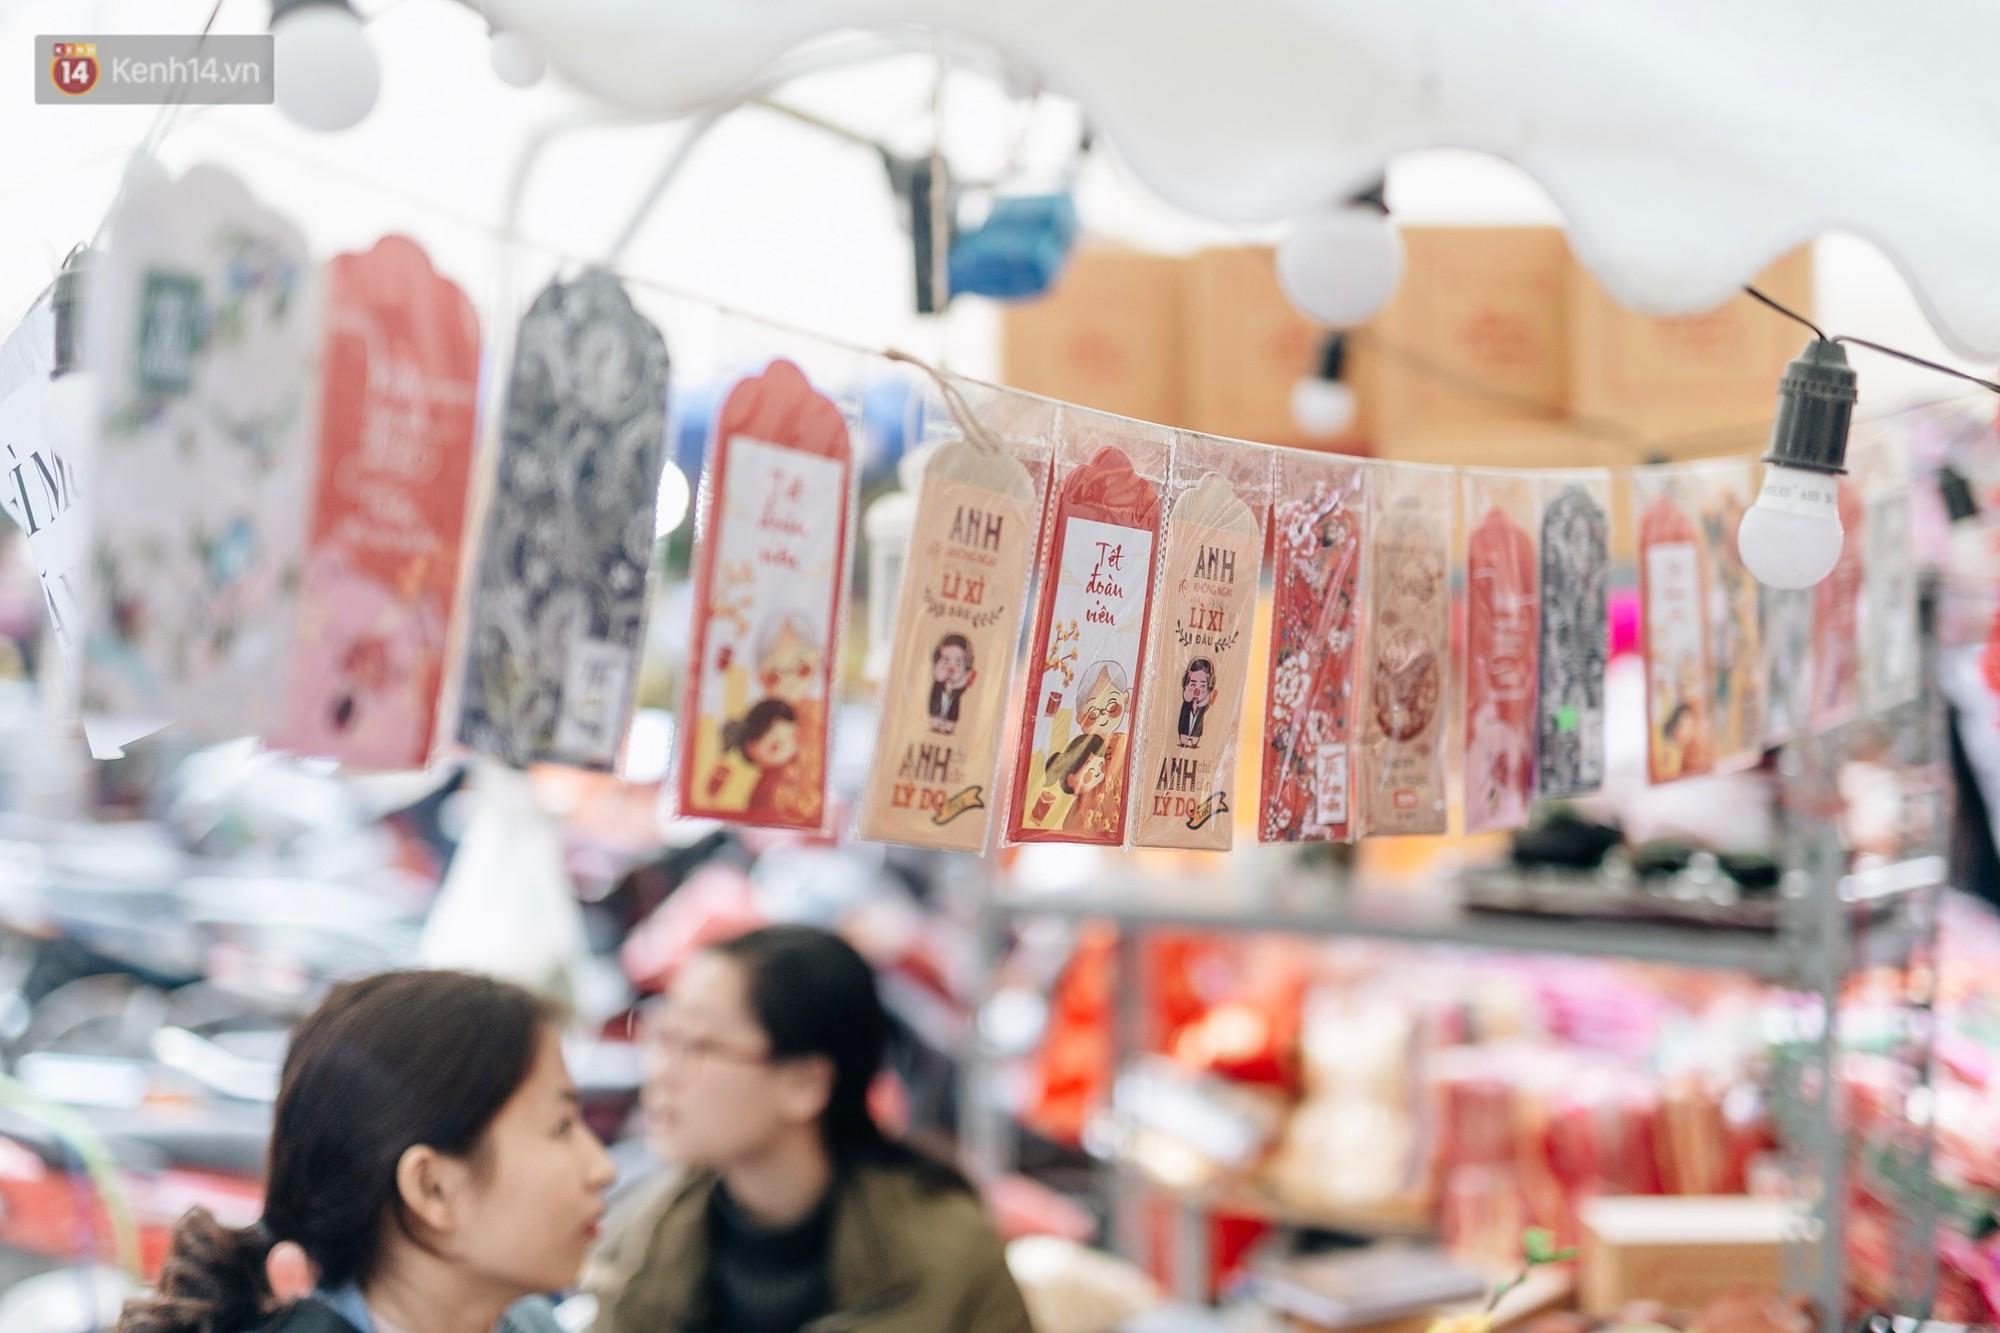 Rộn ràng không khí Tết tại chợ hoa Hàng Lược - phiên chợ truyền thống lâu đời nhất ở Hà Nội - Ảnh 7.